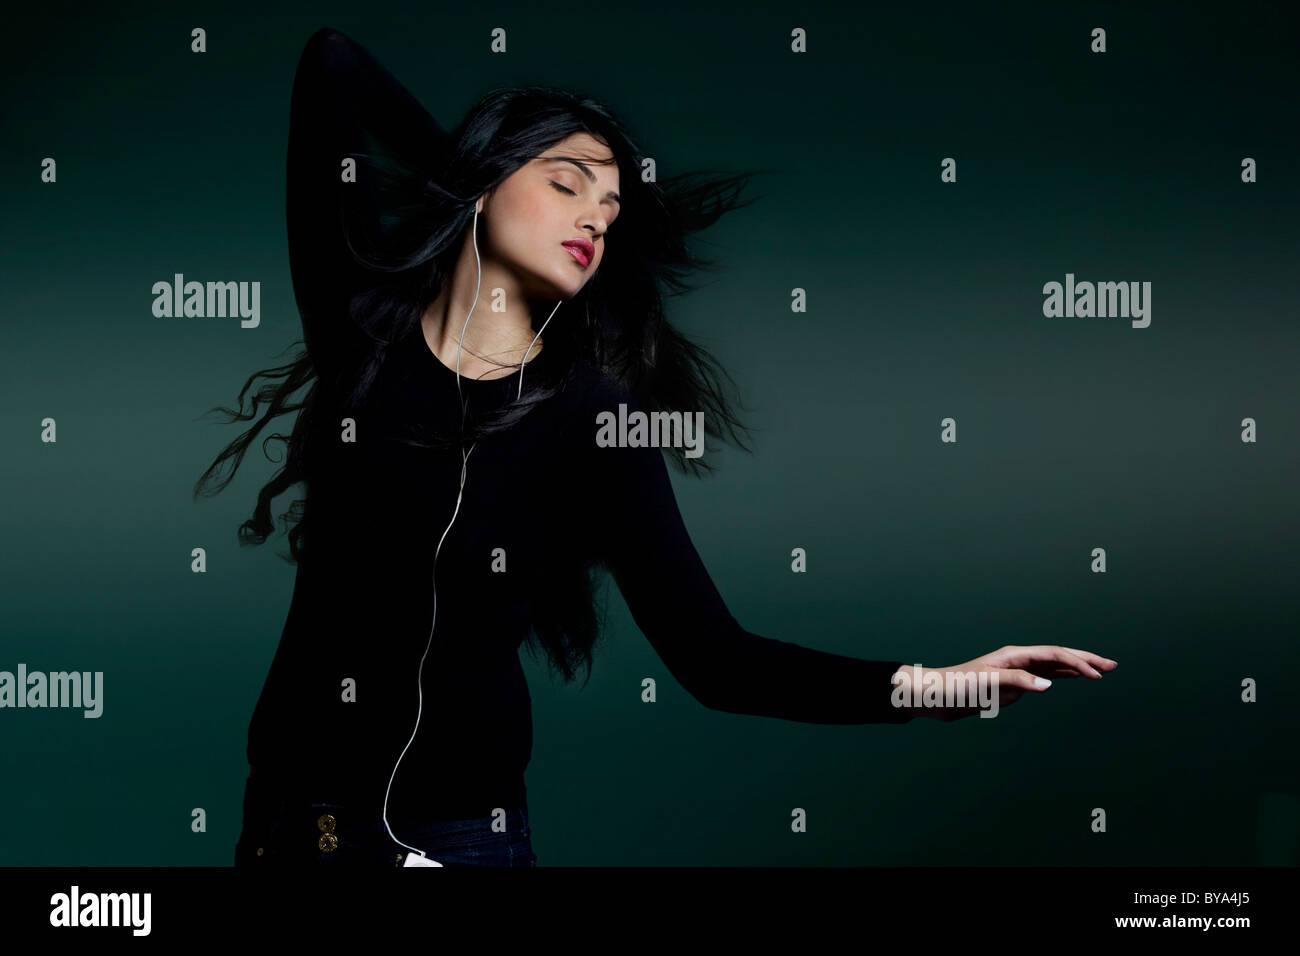 Chica escuchando música Foto de stock